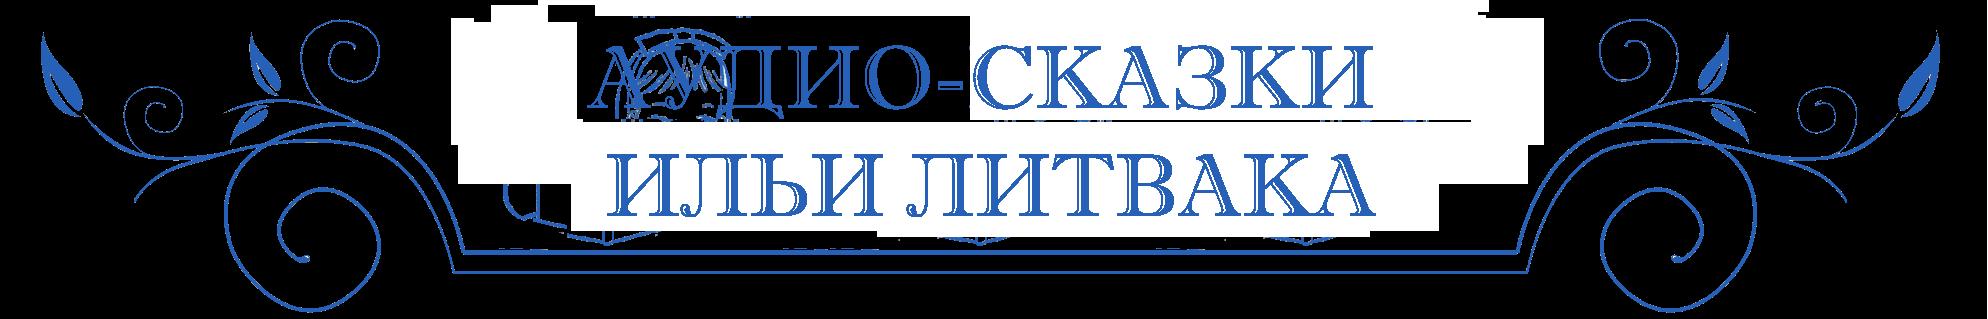 Аудио-сказки Ильи Литвака